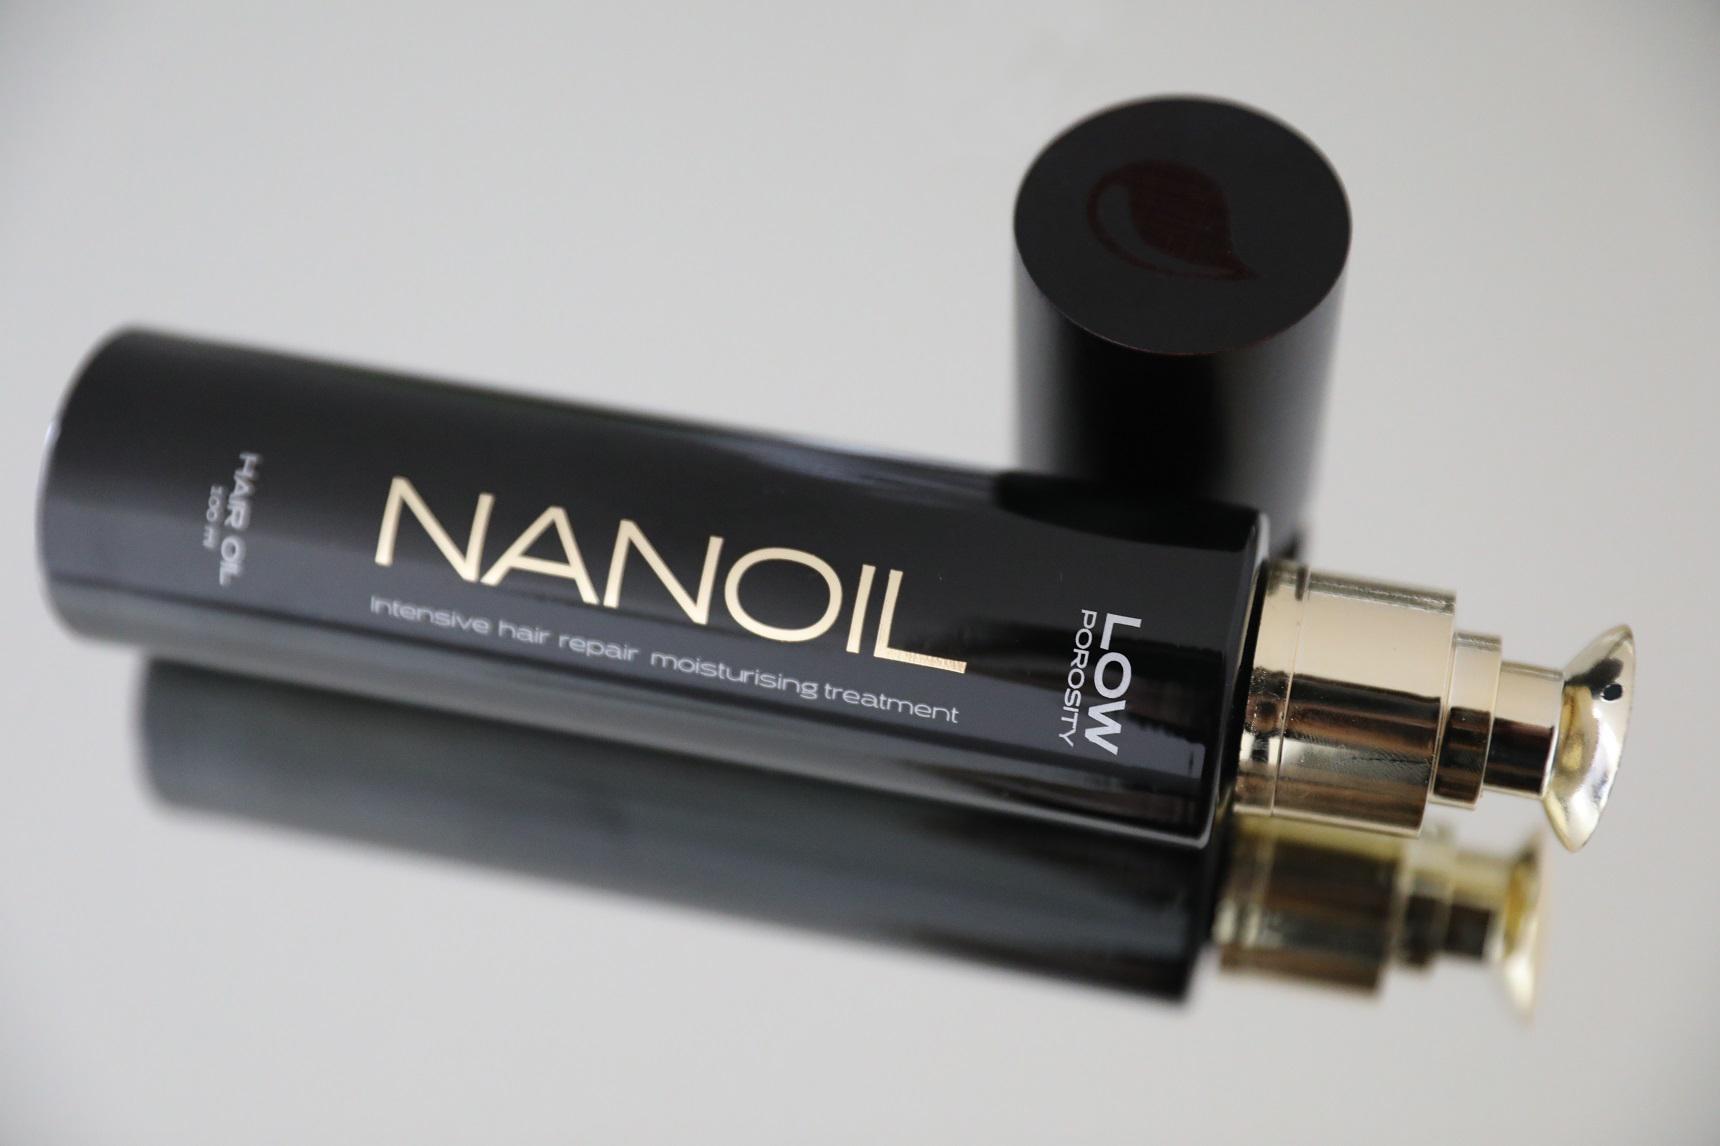 olejek do włosów Nanoil - alternaatywa dla balsamu